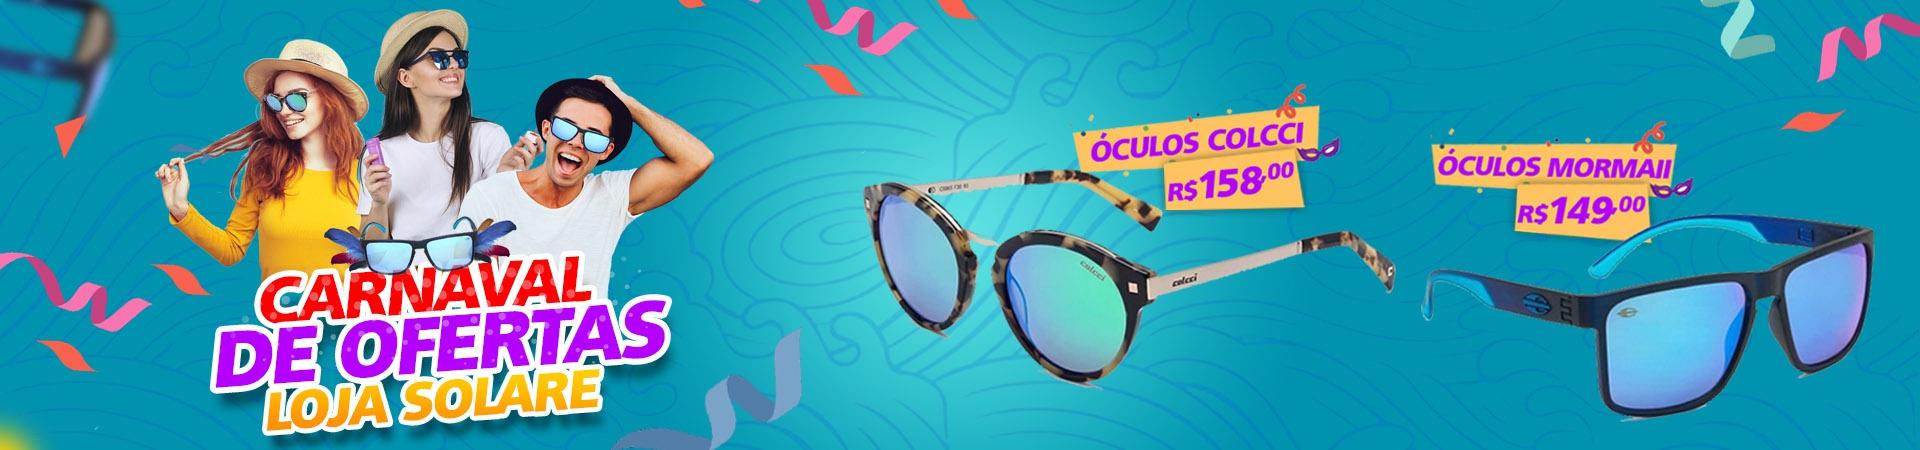 014c7446d6a1f Loja Solare. Óculos Originais com os melhores preços. Mormaii ...